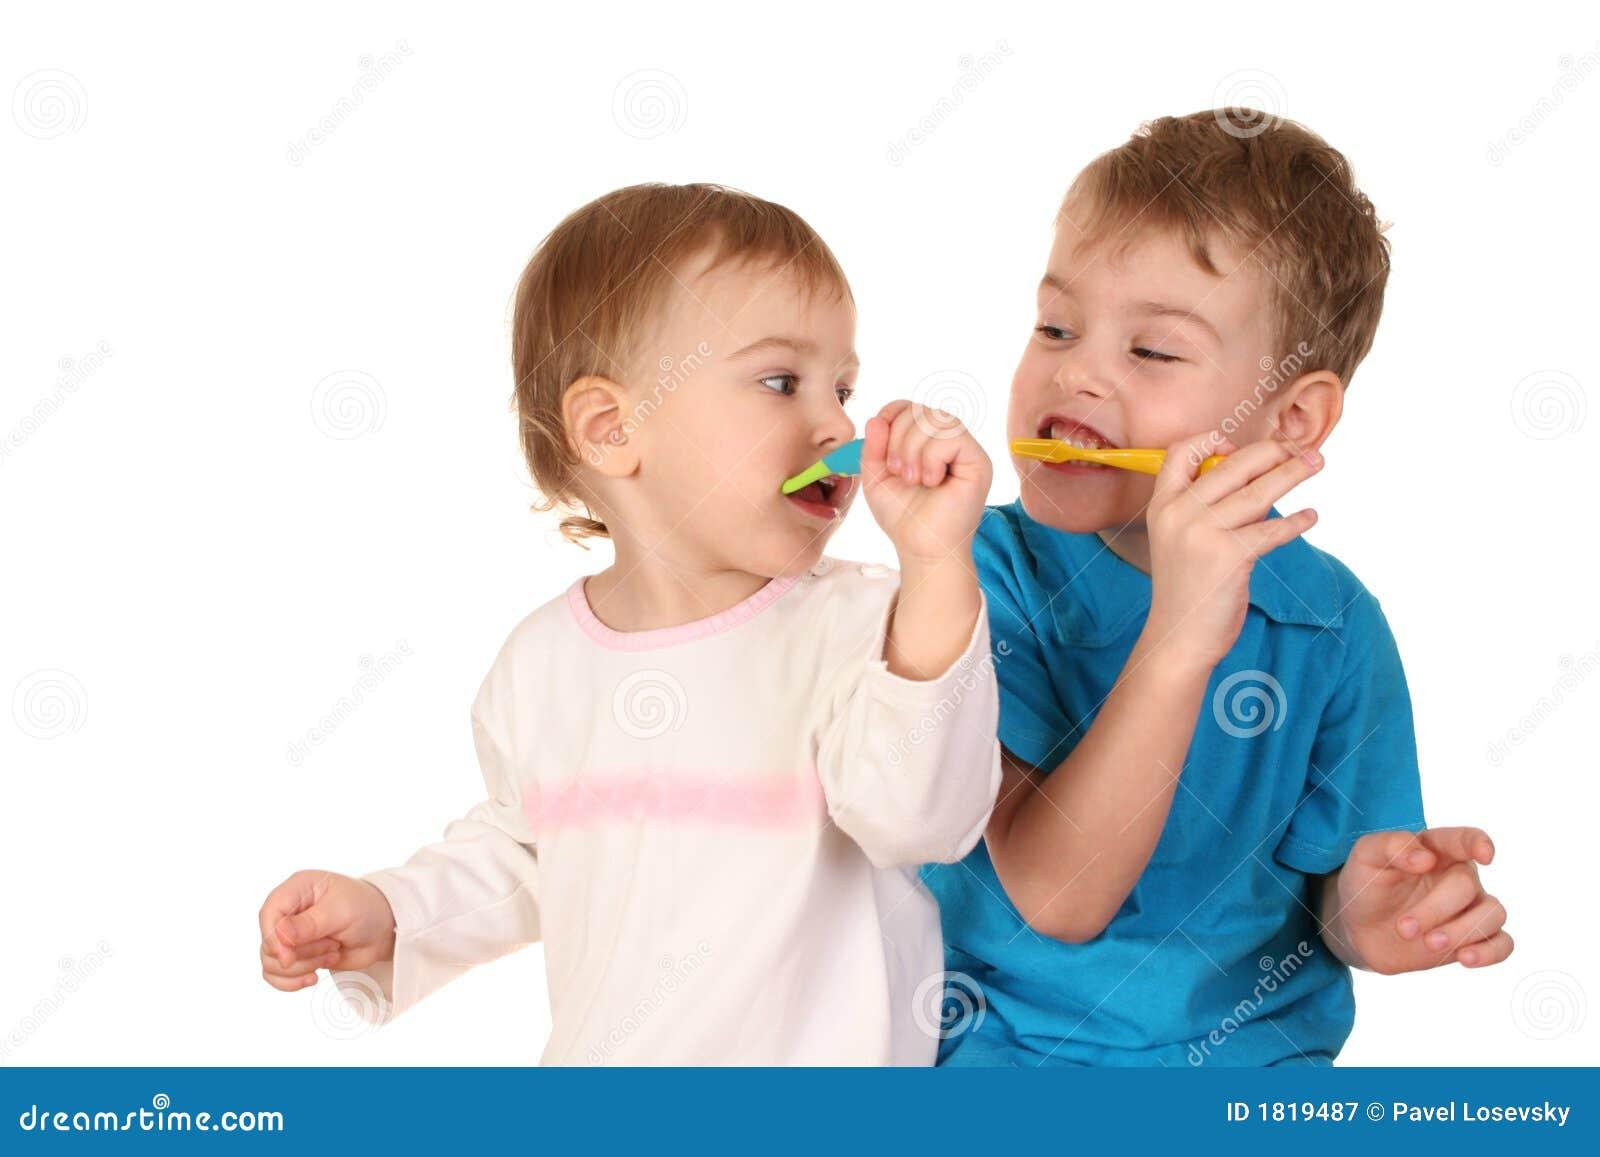 Crianças com toothbrushes